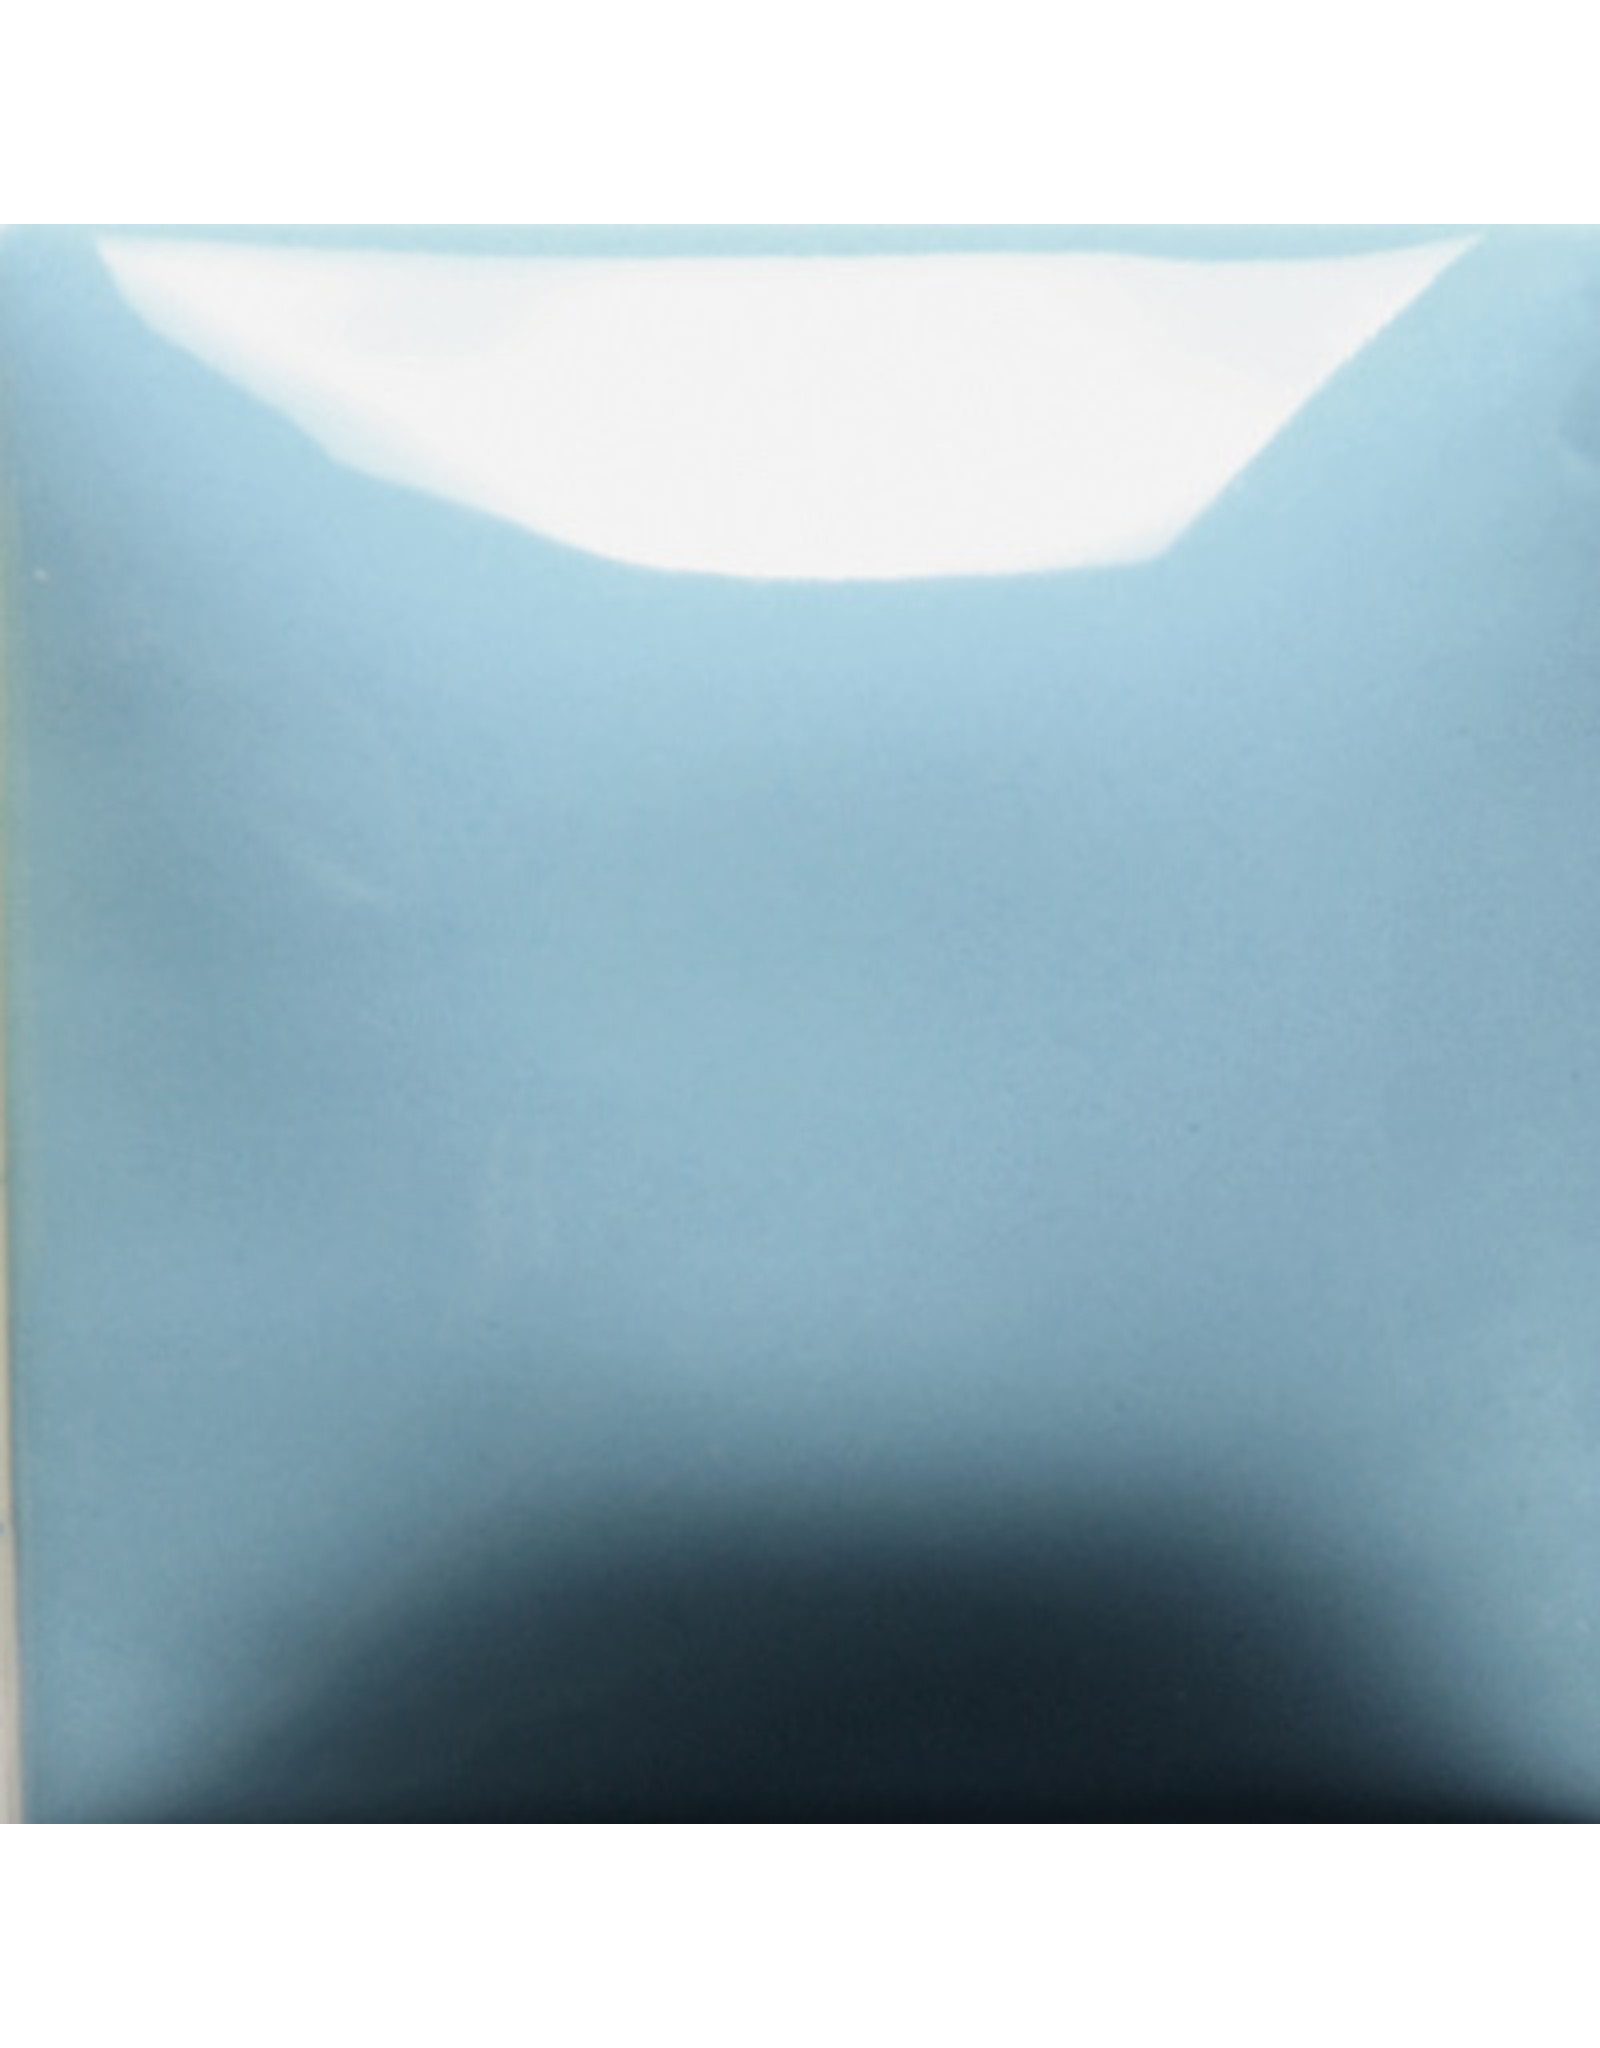 Mayco Mayco Foundations Big Sky Blue 473ml